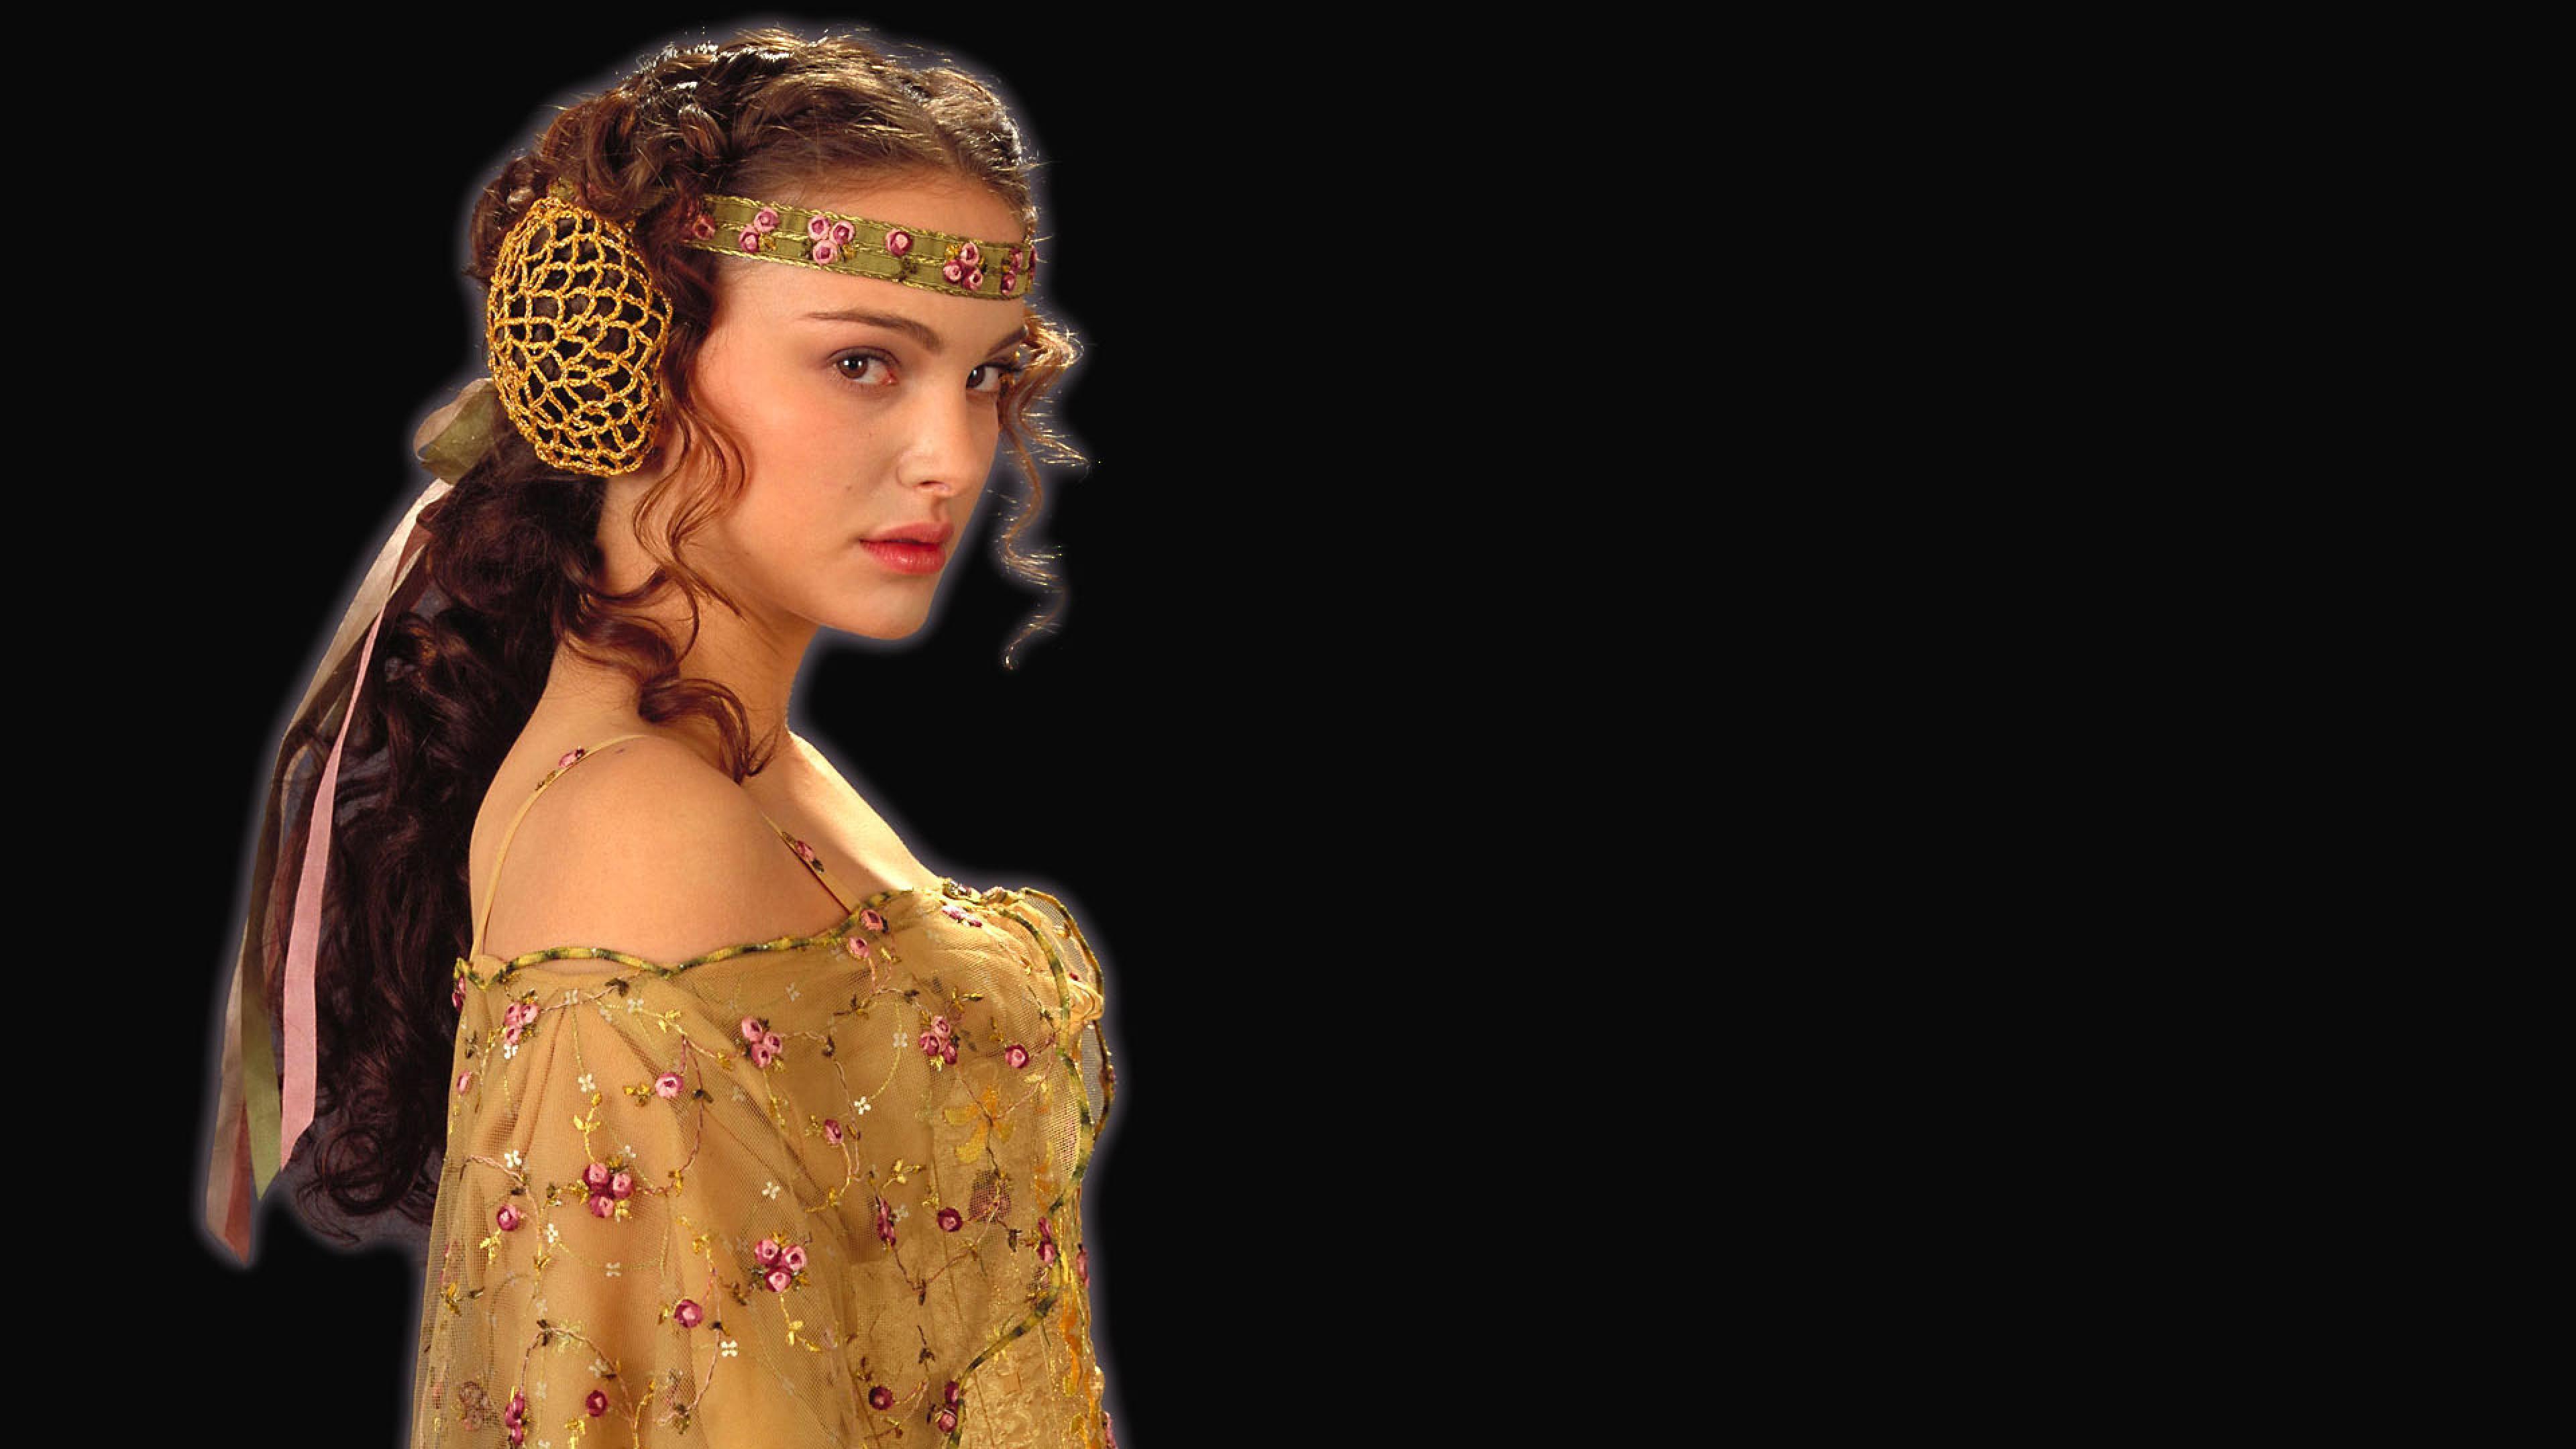 Padme Amidala Star Wars, HD Movies, 4k Wallpapers, Images